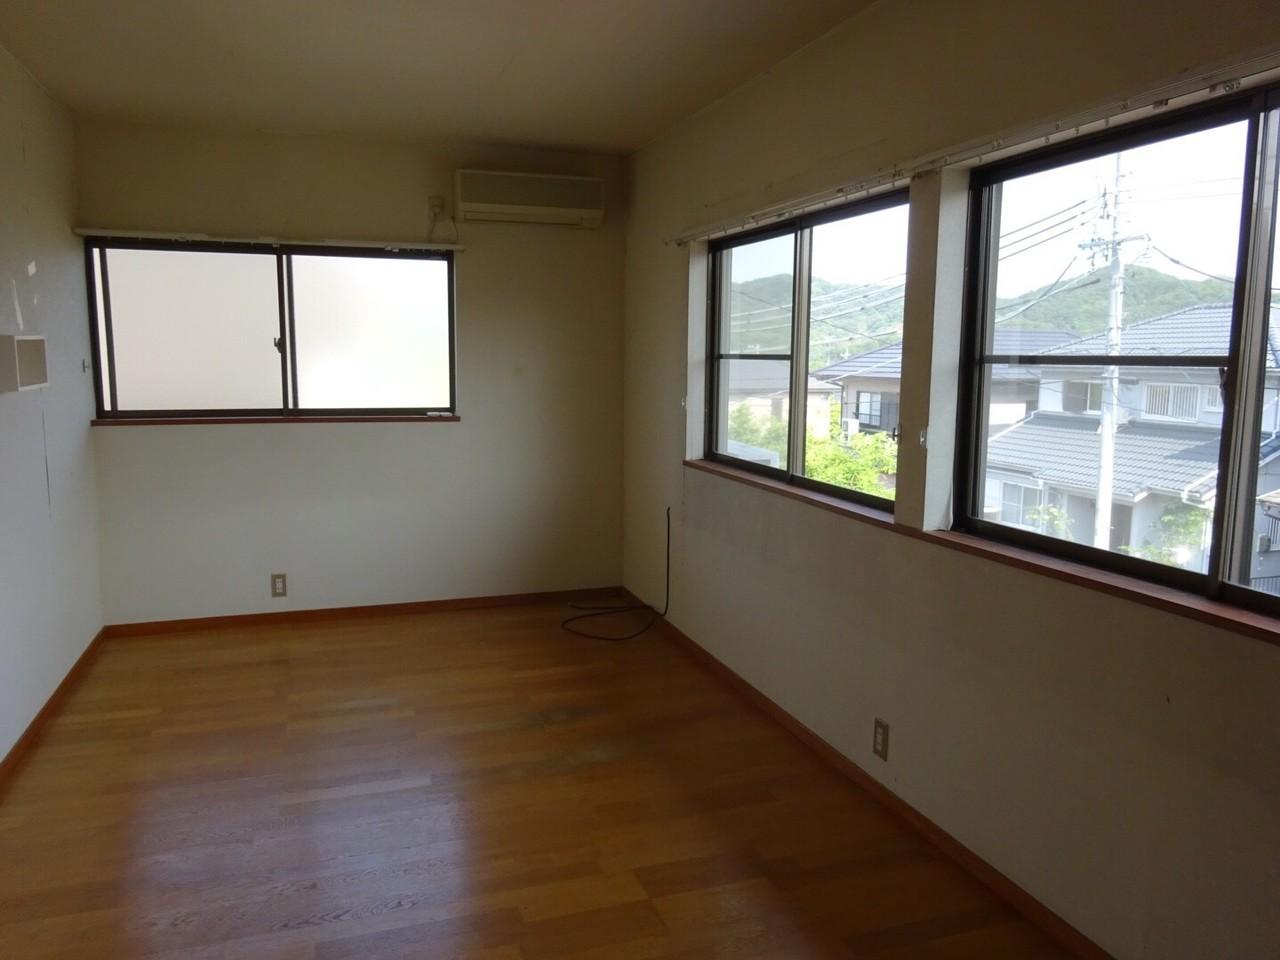 7帖の洋室! 南側に大きな窓が二つあり 大変明るいお部屋です♪